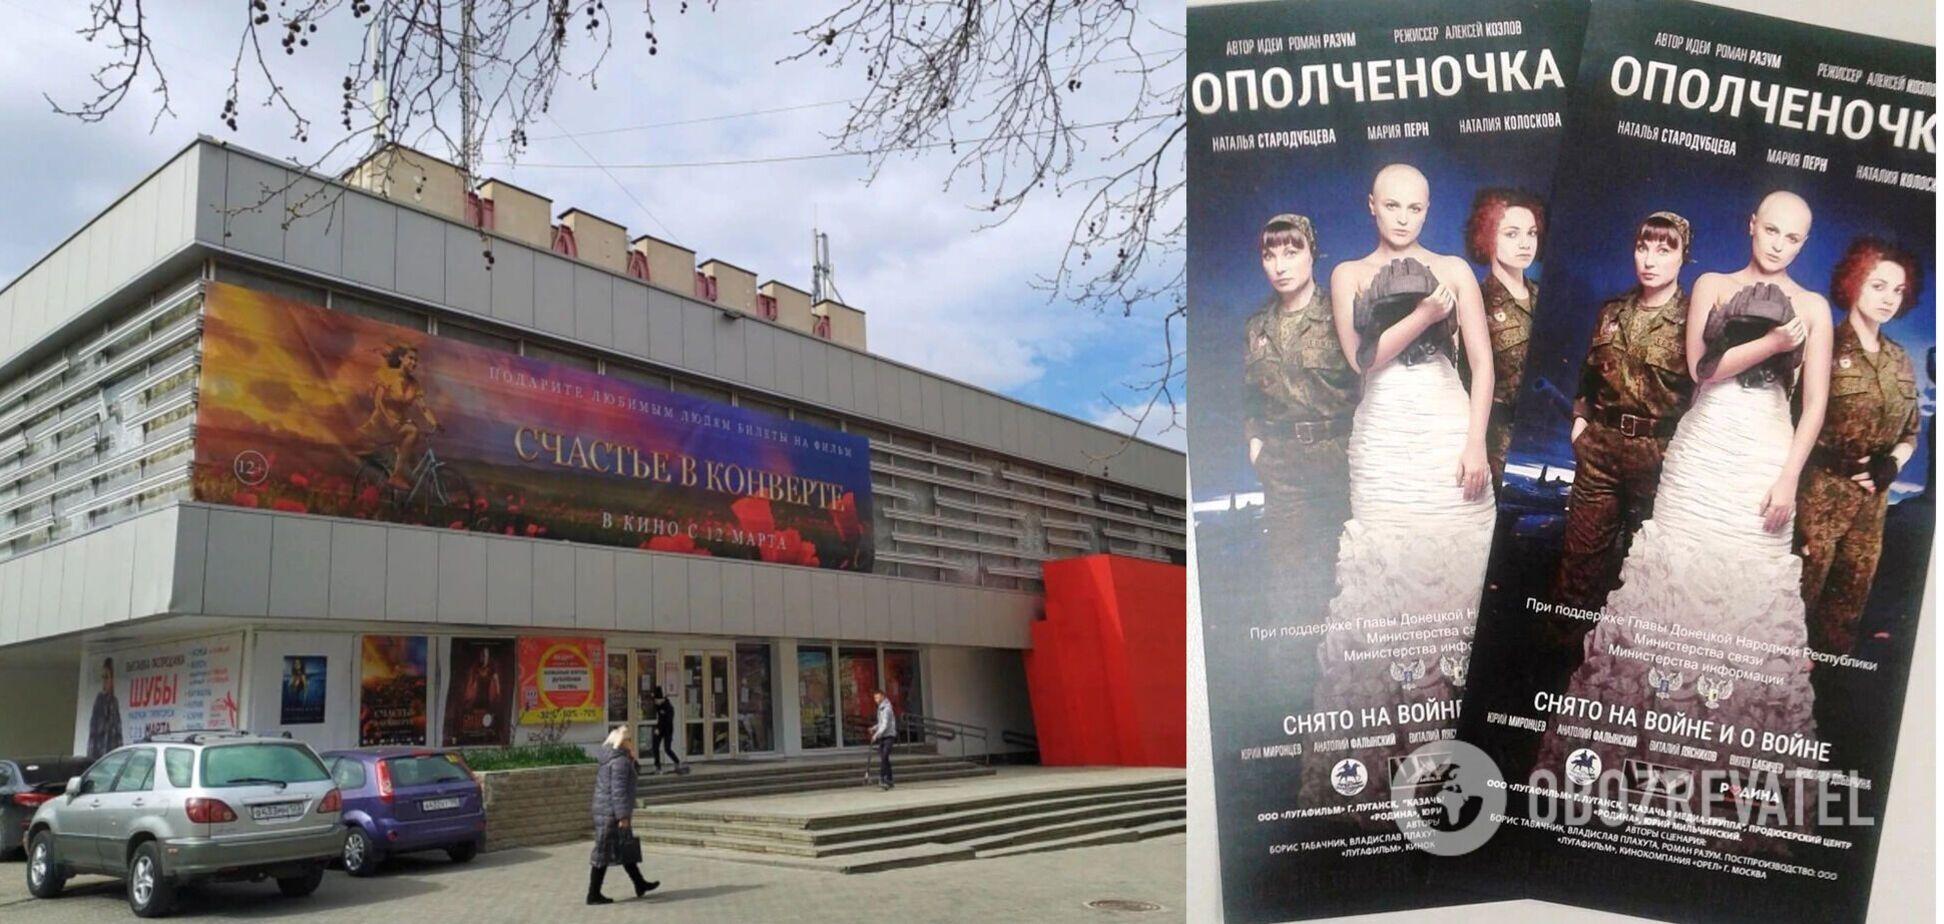 У Севастополі зірвали показ фільму 'Ополченочка' кадрами про воїнів АТО